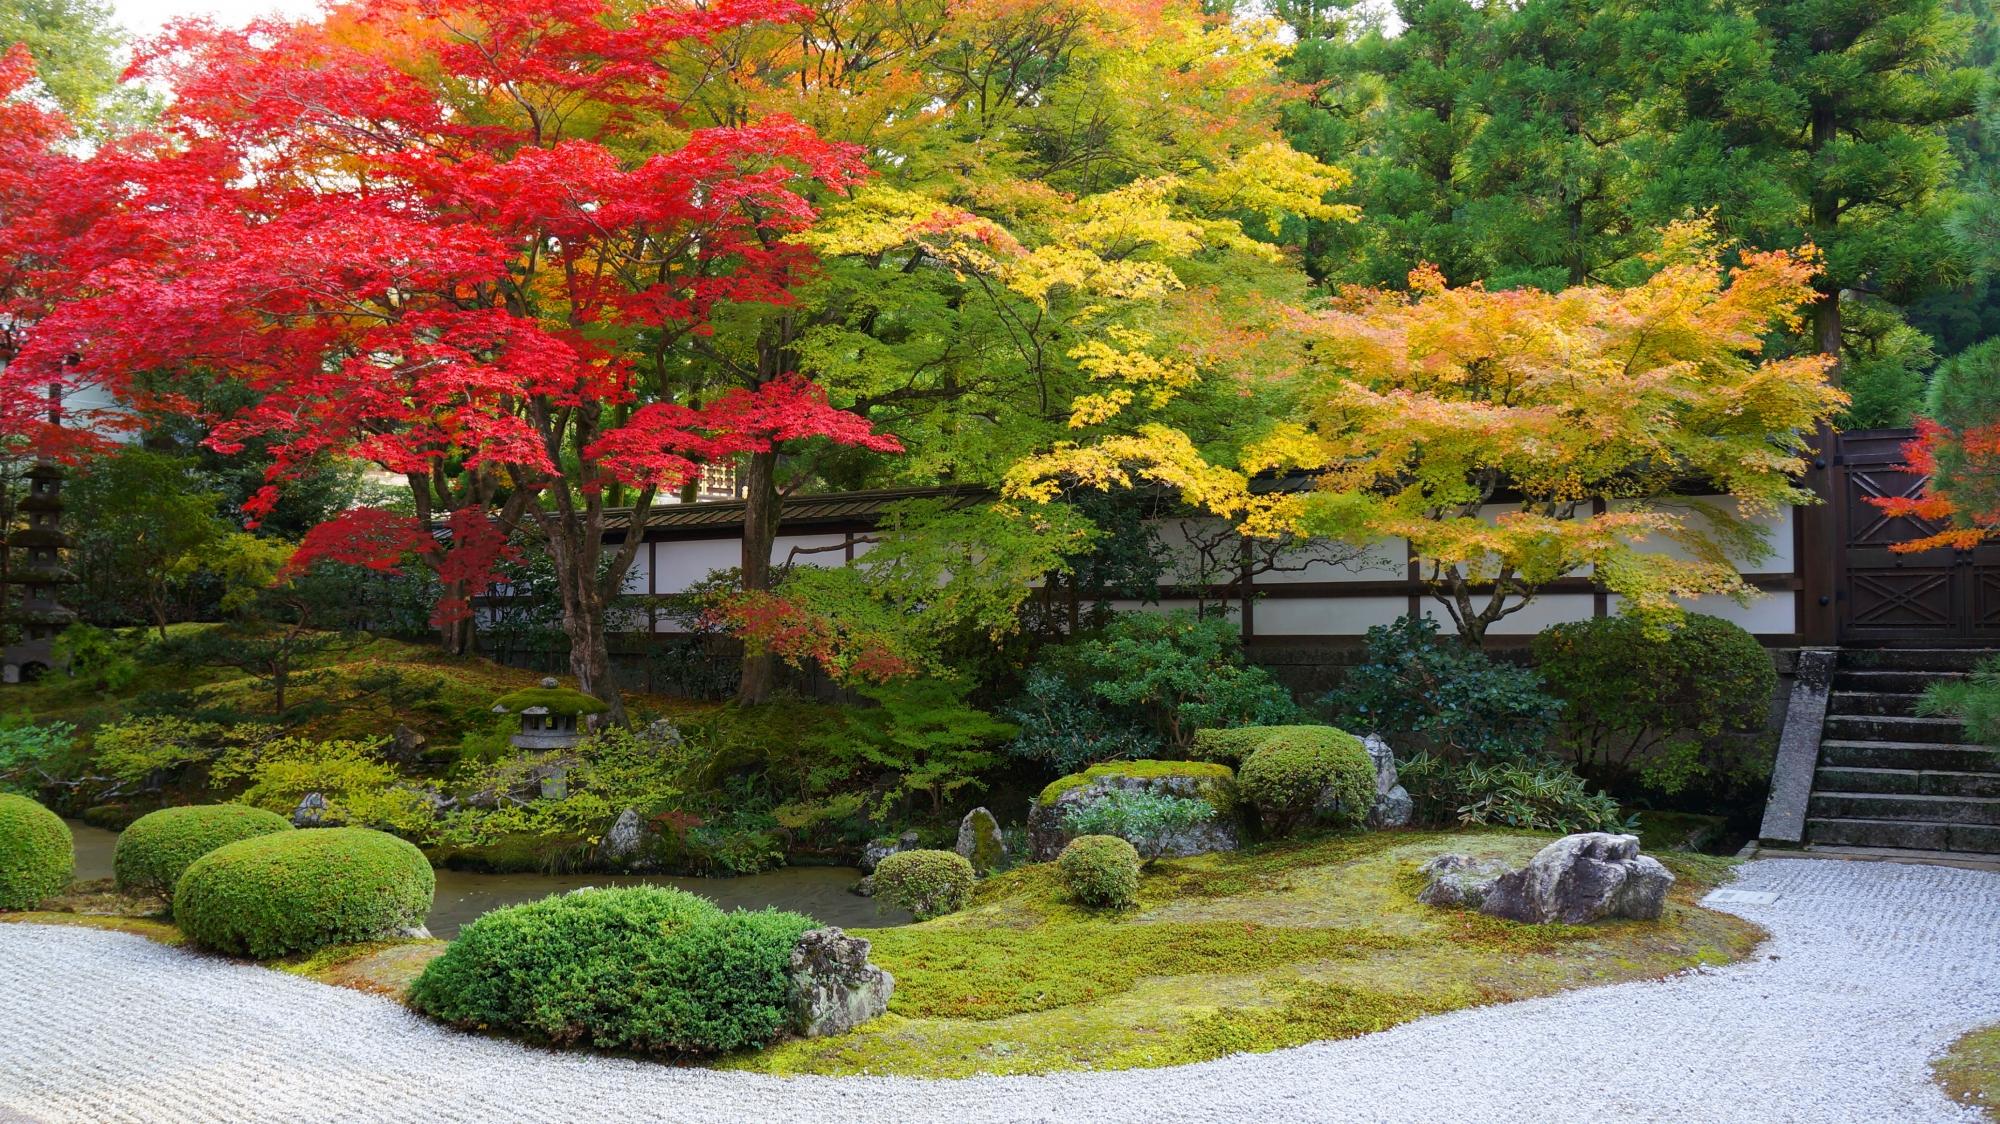 御寺泉涌寺の素晴らしい御座所庭園の紅葉や秋の情景